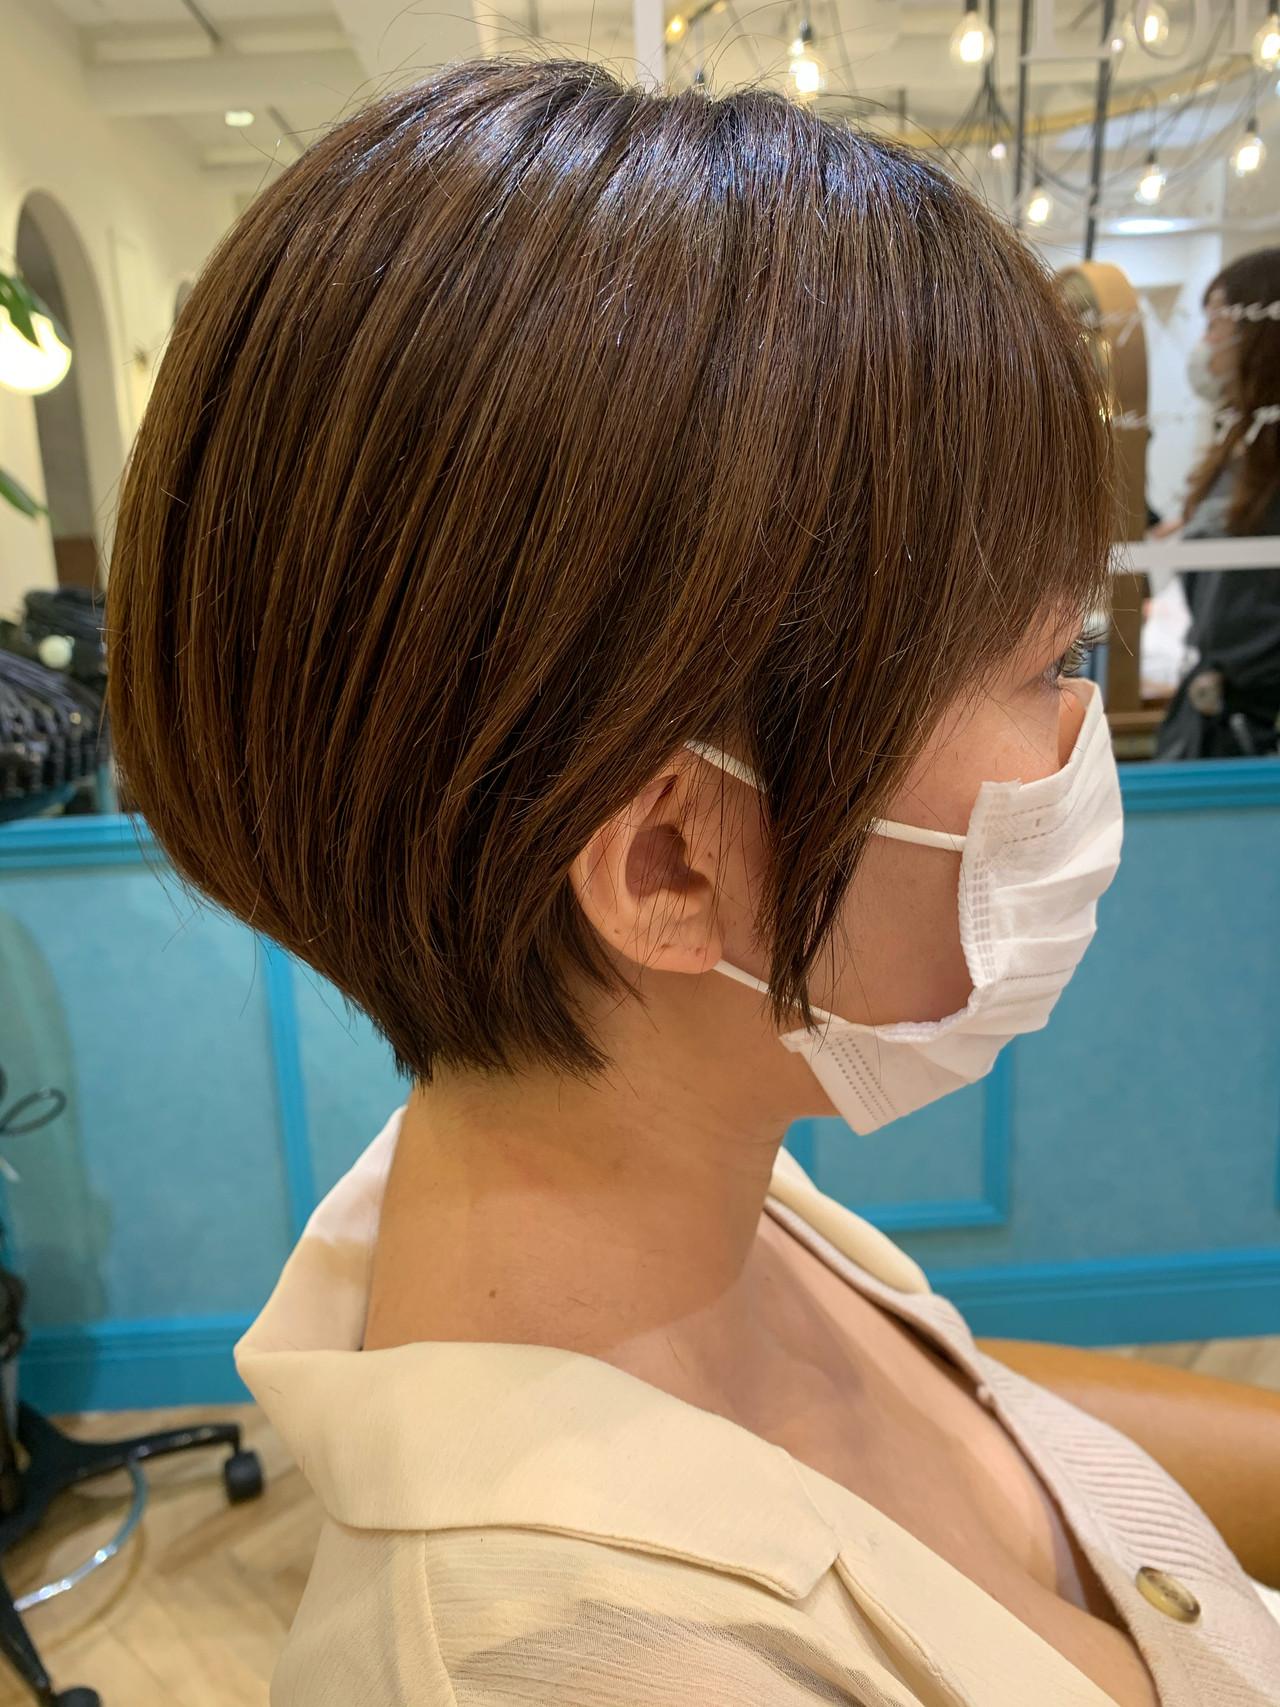 ショートボブ ショート ナチュラル ショートヘア ヘアスタイルや髪型の写真・画像 | 山口 健太 / Lond ange